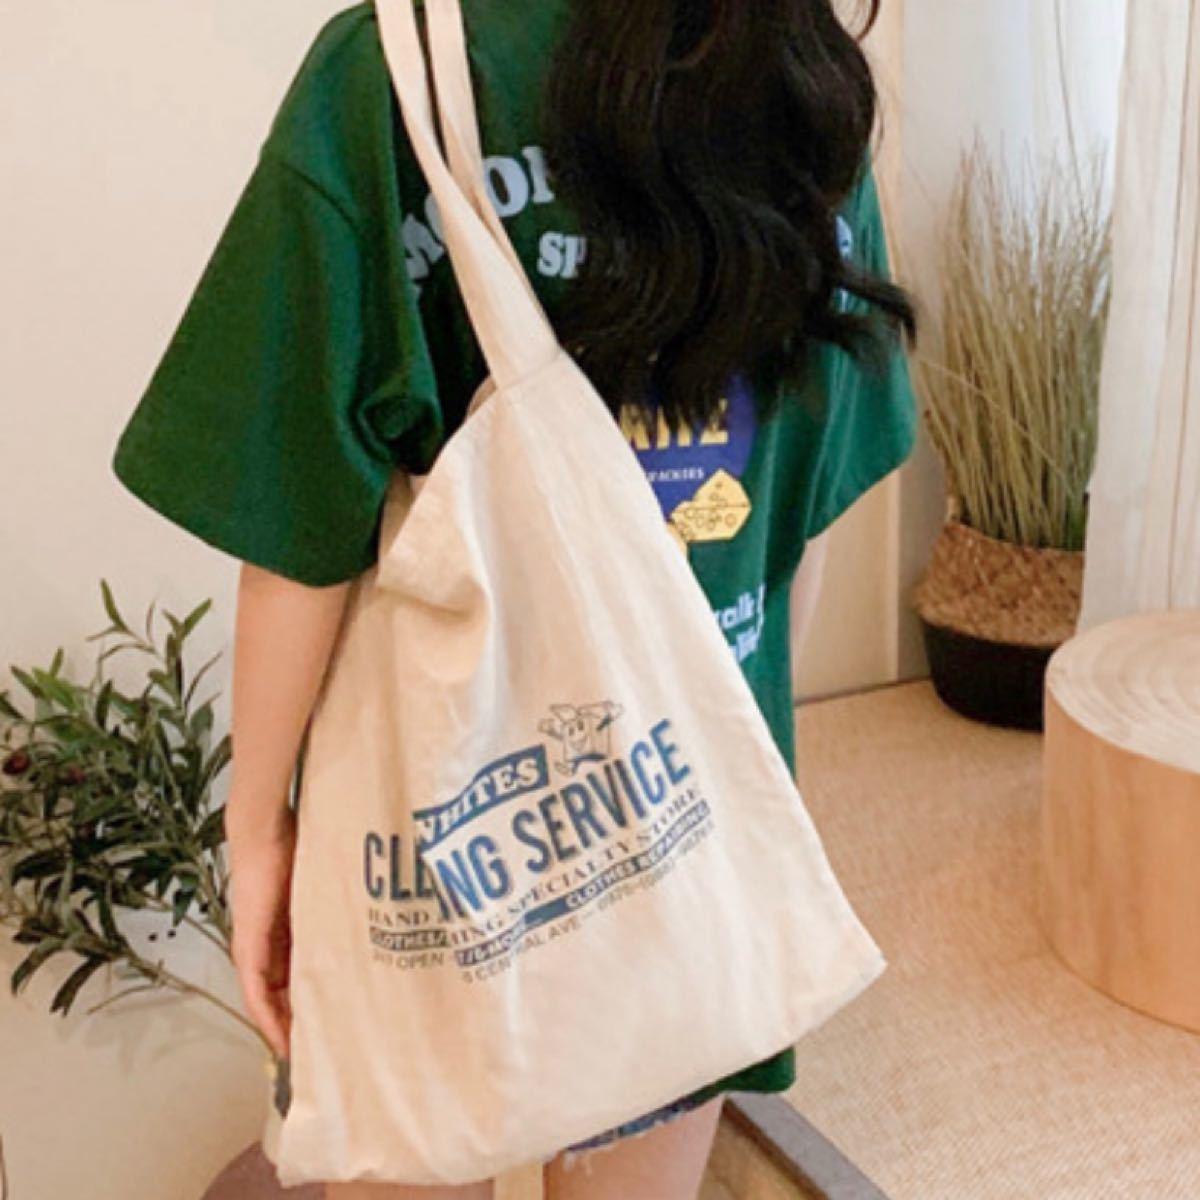 キャンバスバッグ トートバッグ エコバッグ 折りたたみバッグ ロゴ入り 男女兼用 大容量